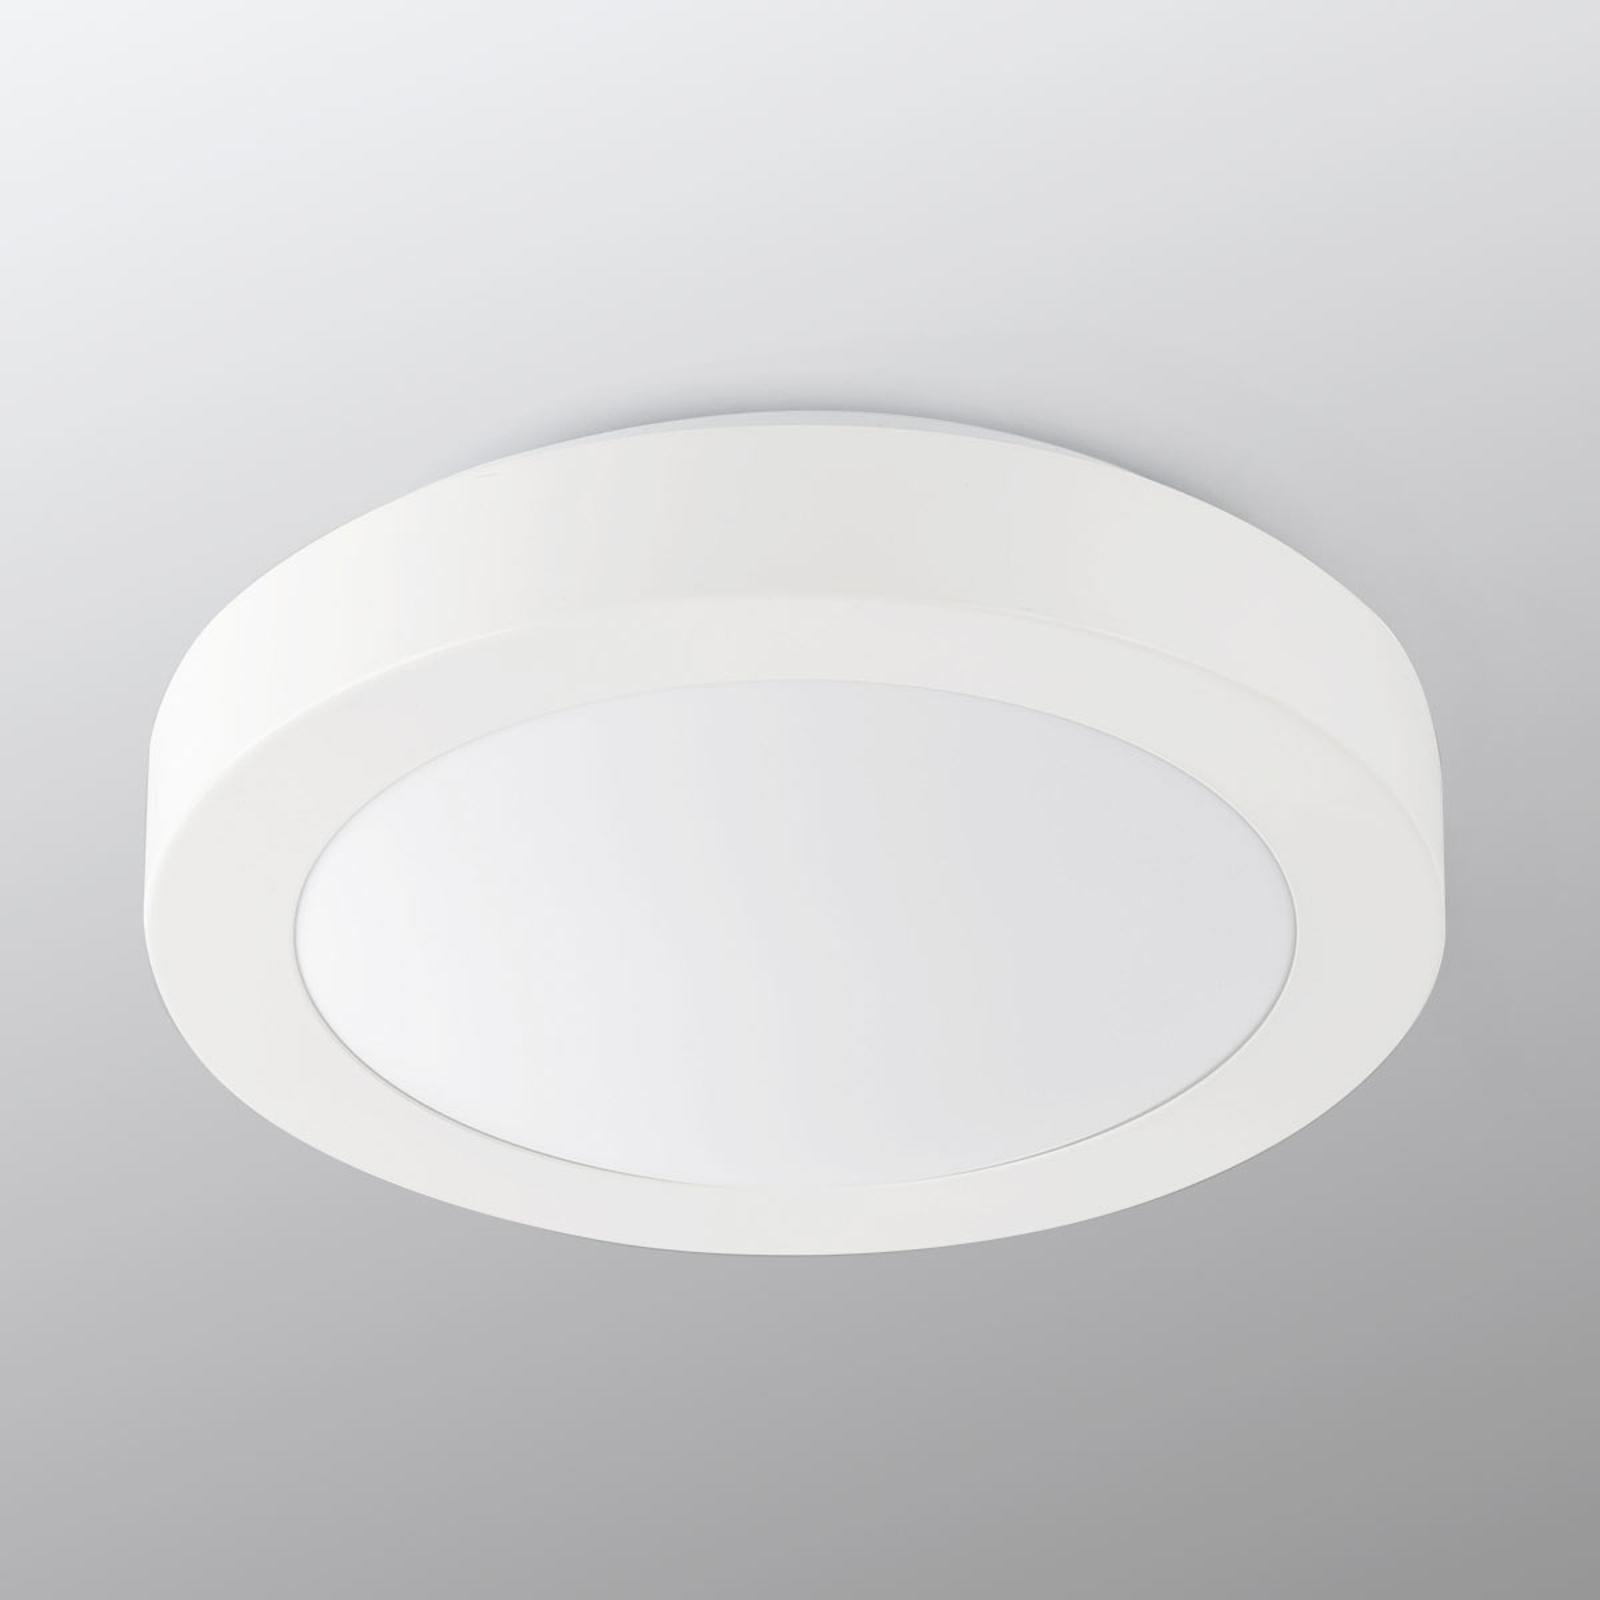 Okrągła łazienkowa lampa sufitowa Logos Ø 27cm